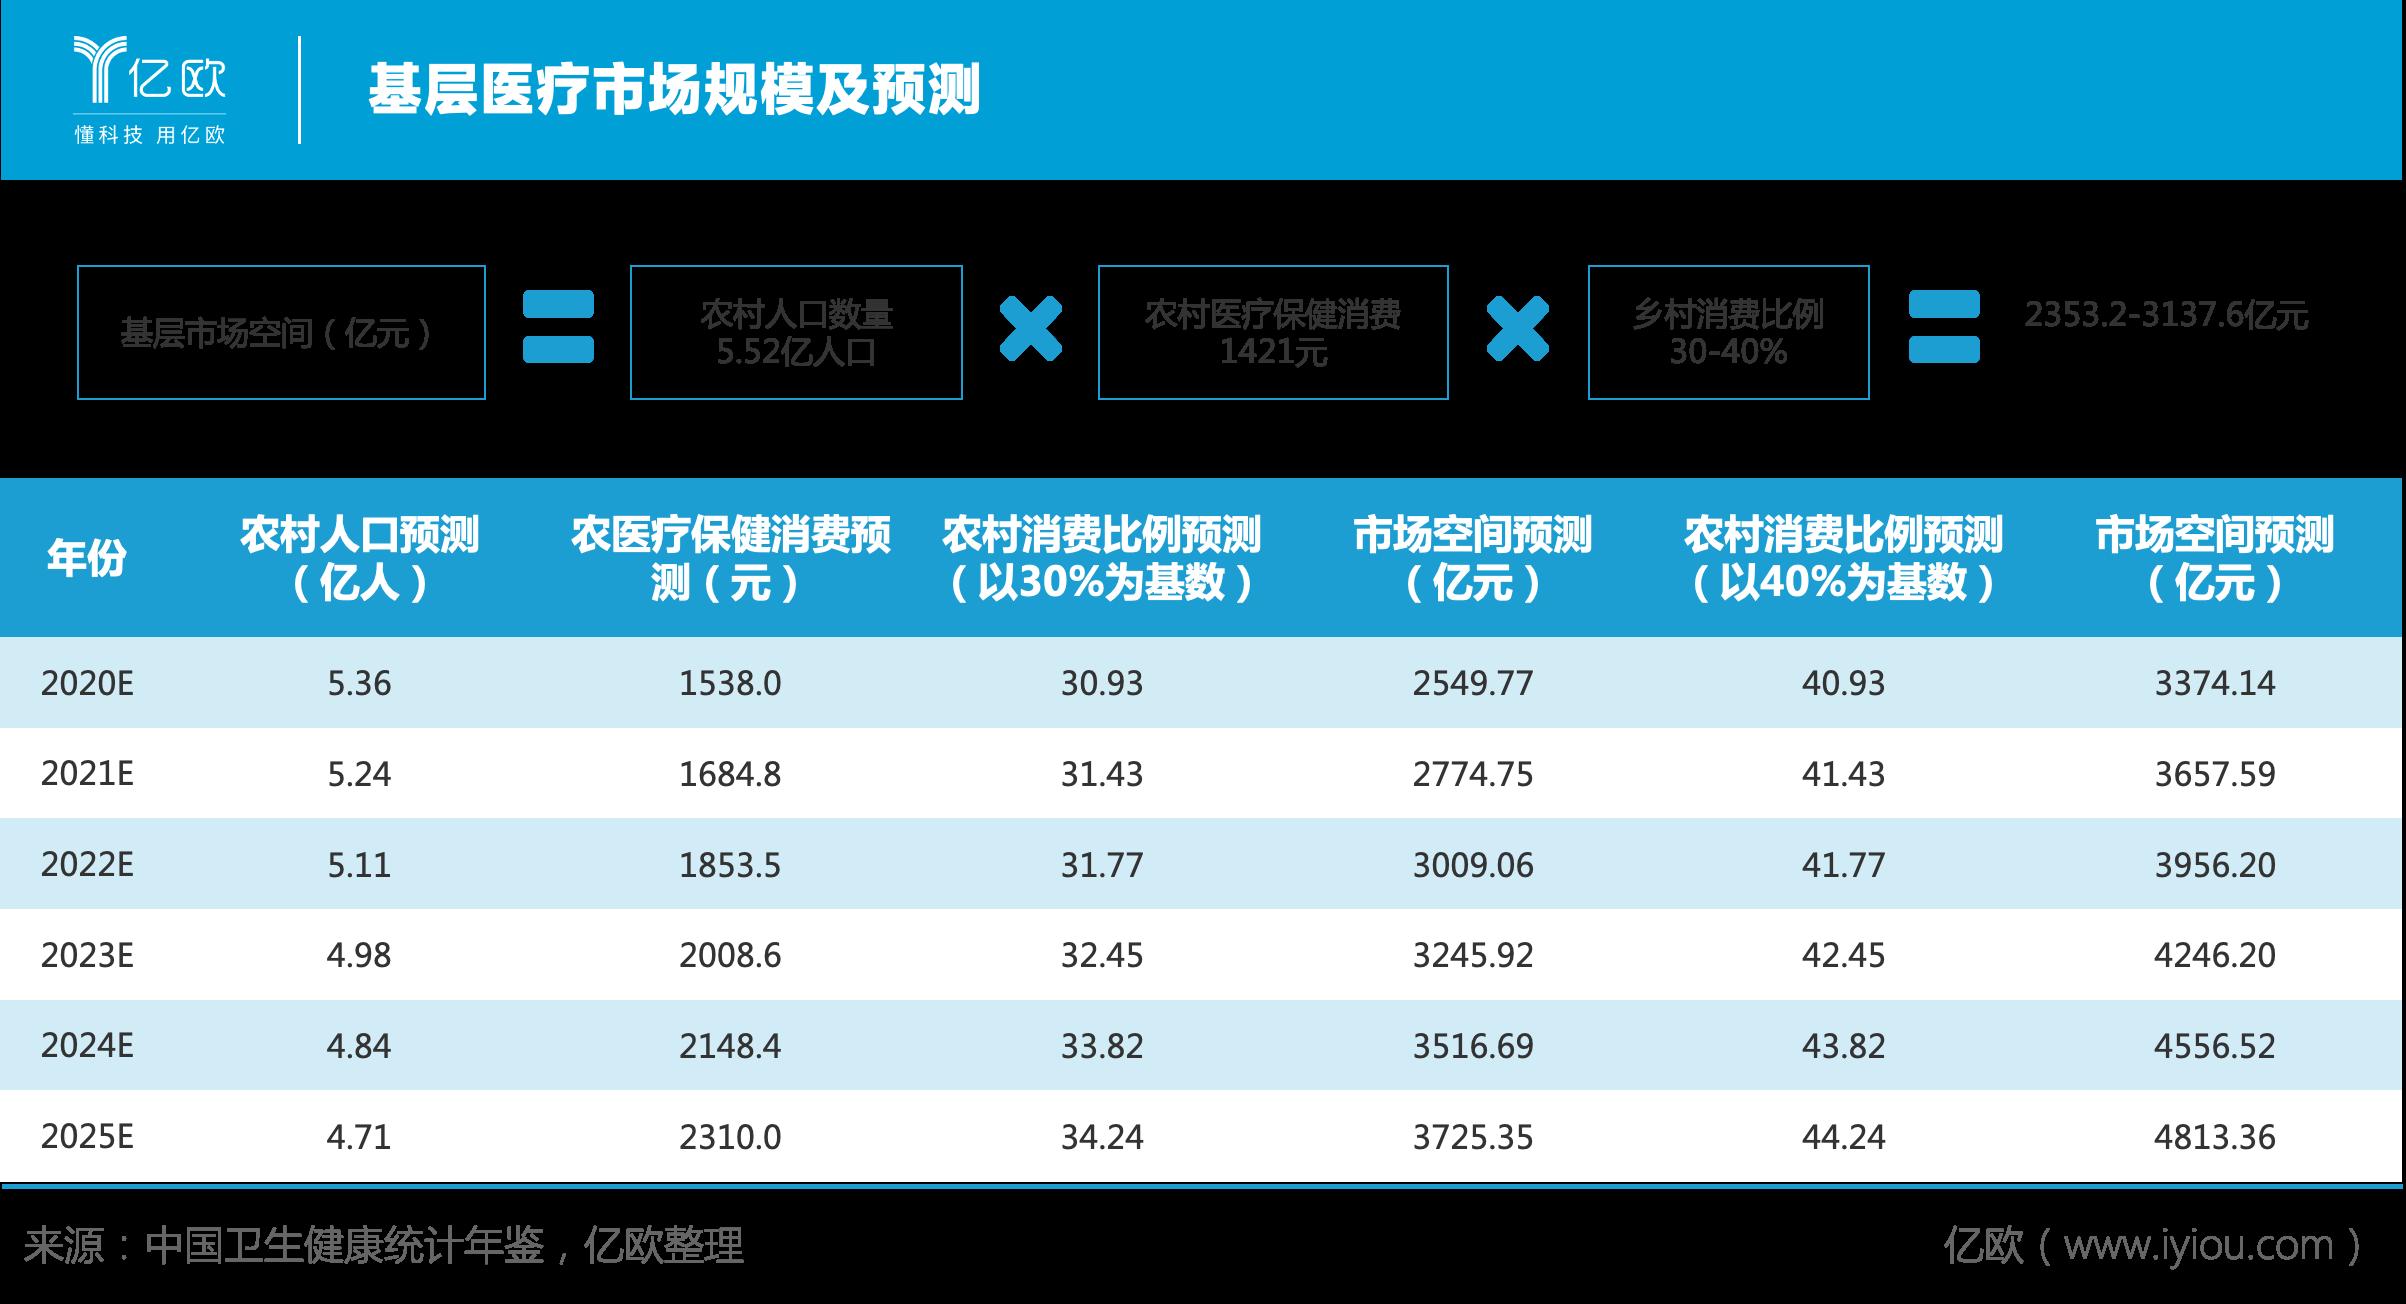 亿欧智库发布《2020年中国基层医疗研究报告》